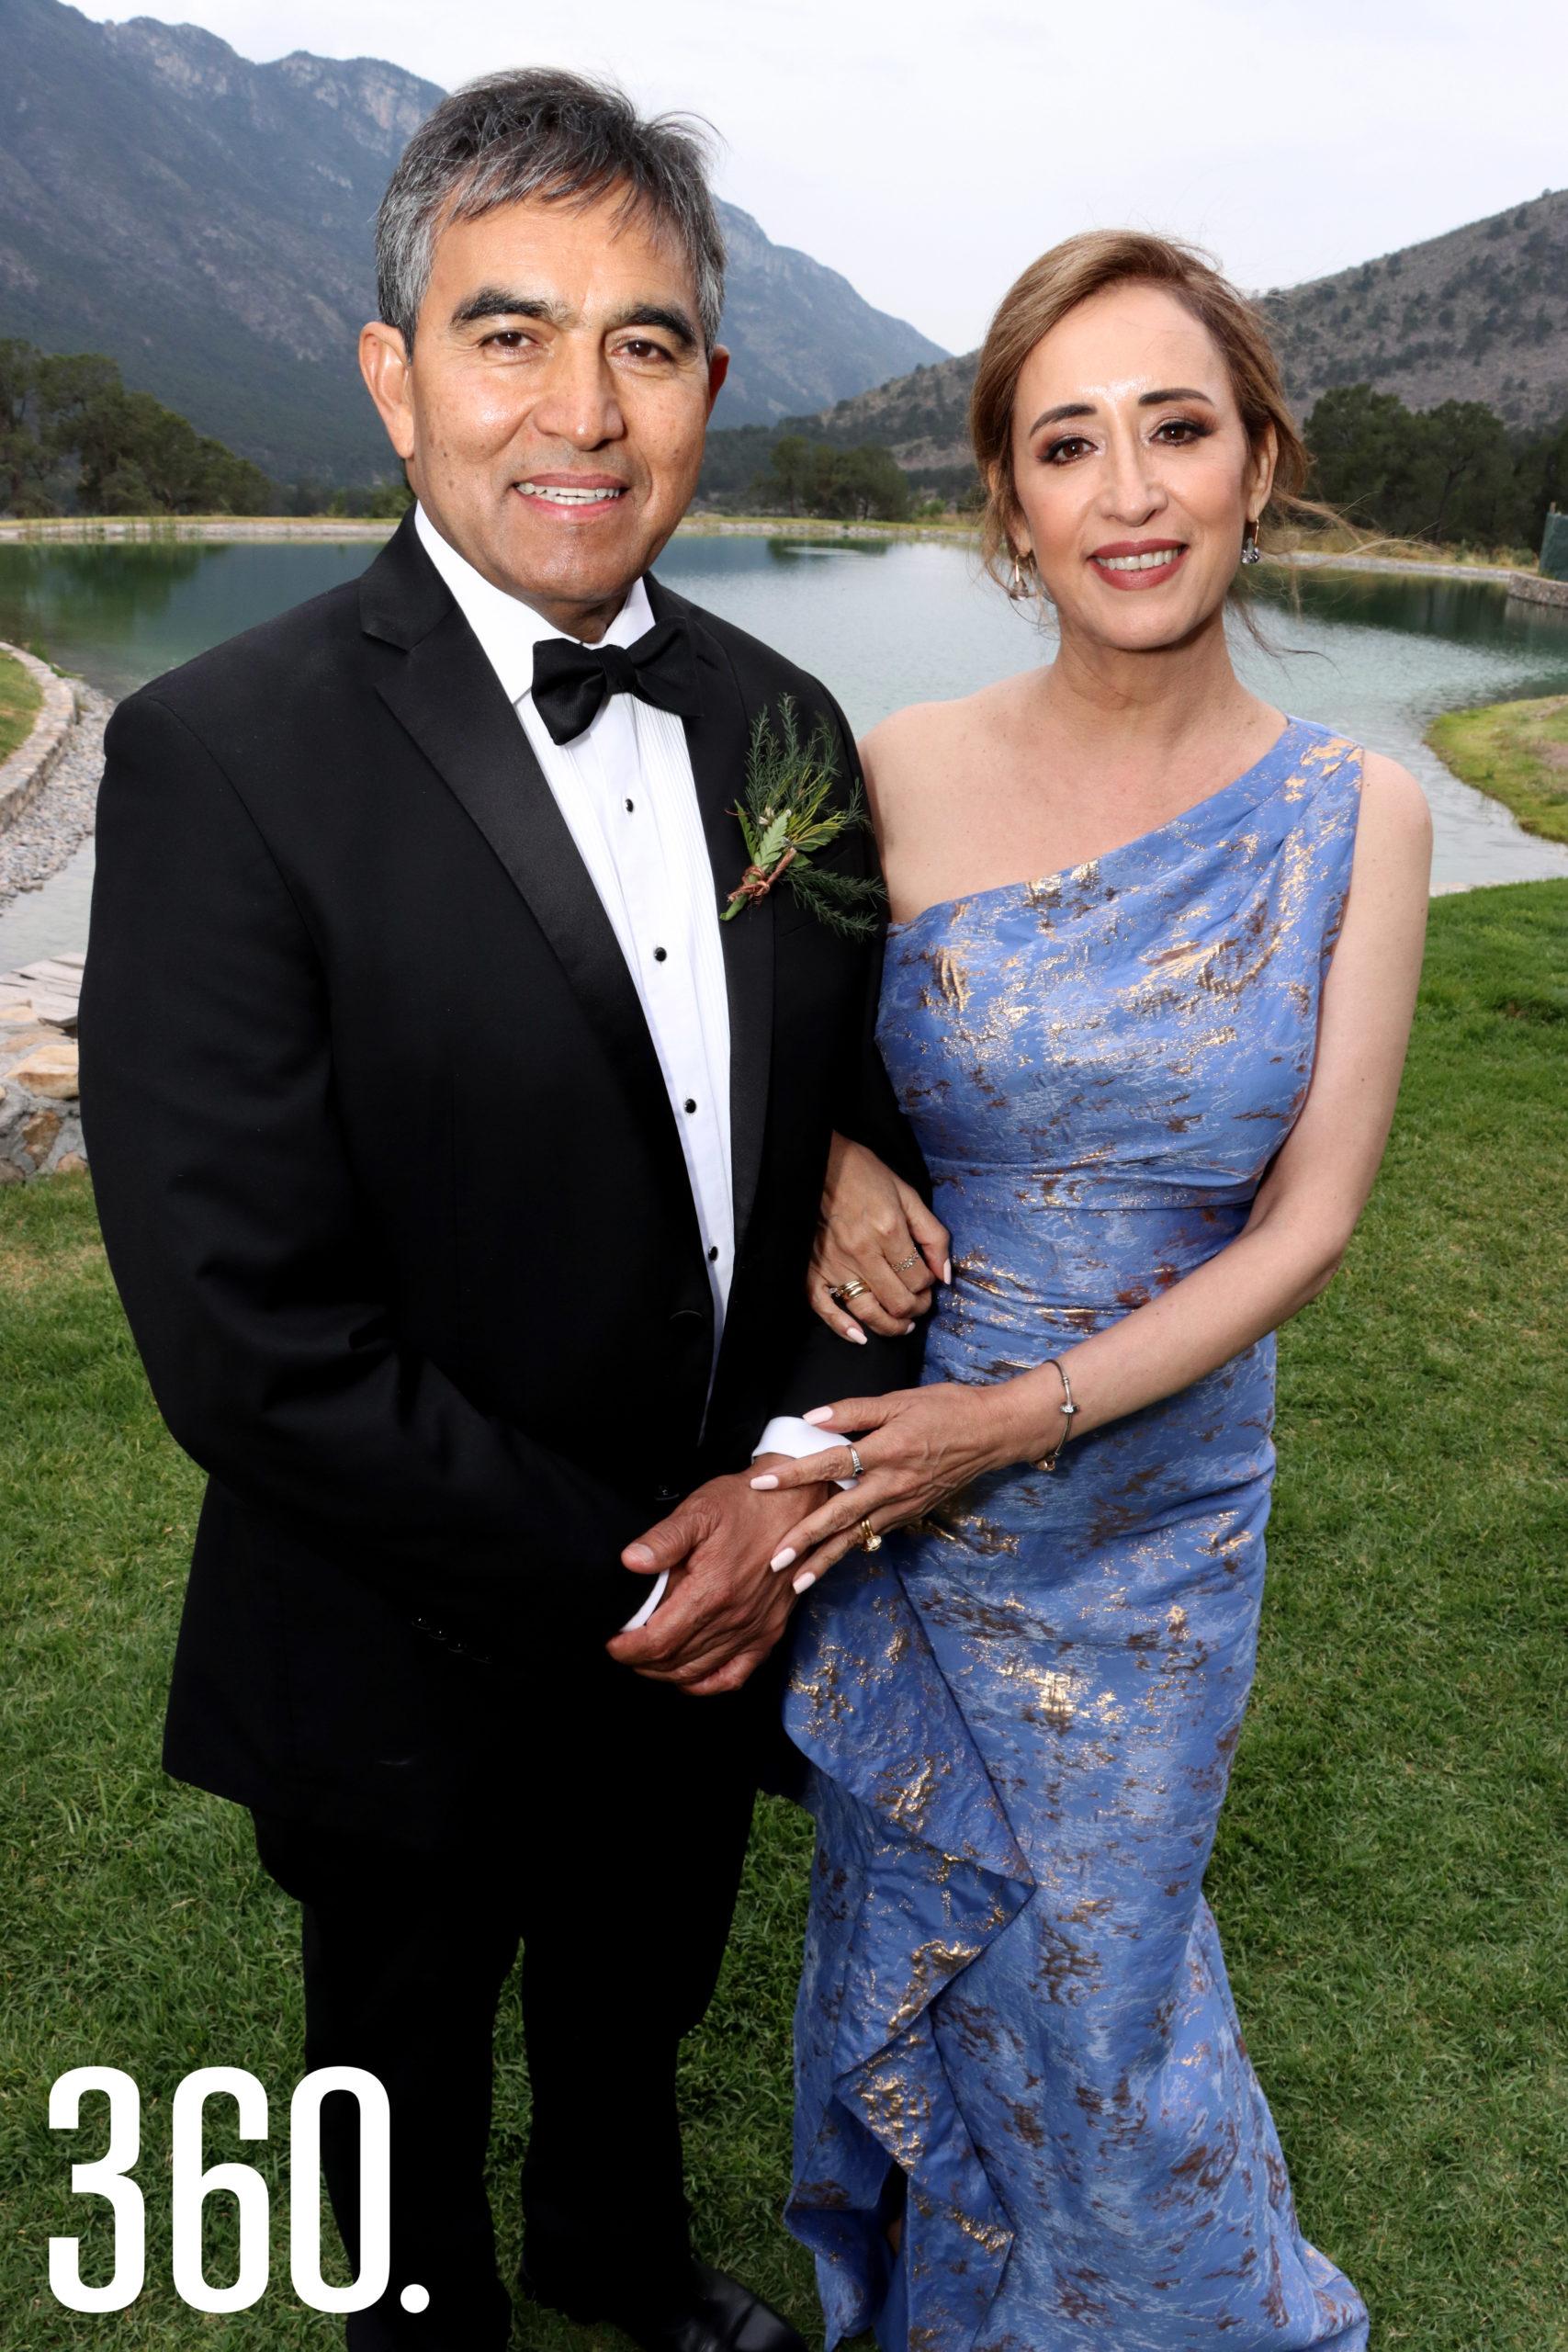 Mario Saldaña y Deyanira Morales, padres del novio.